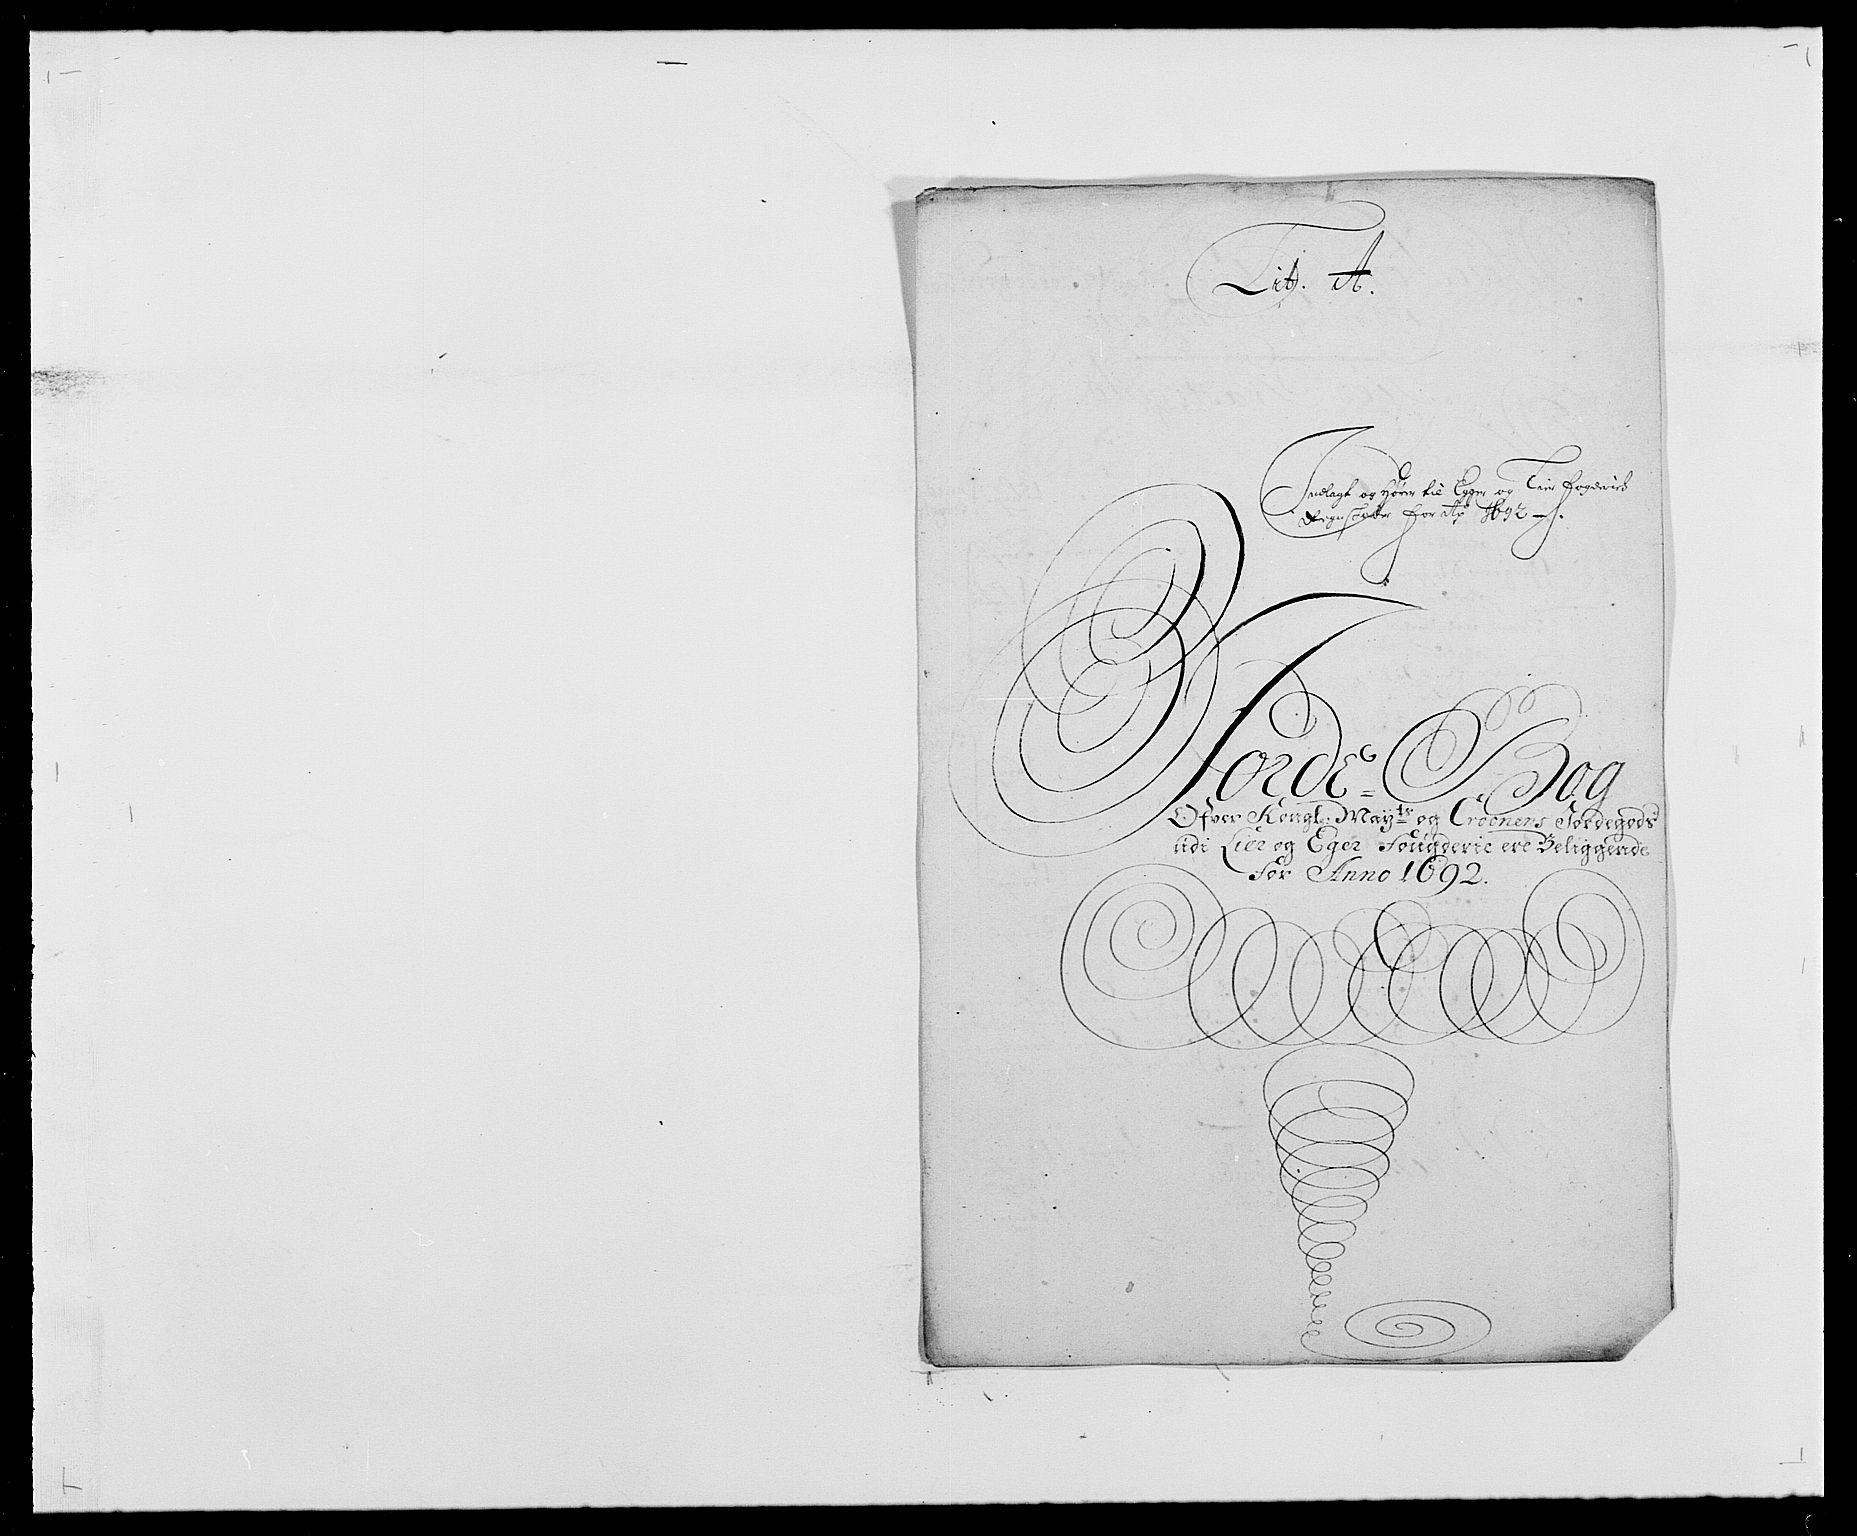 RA, Rentekammeret inntil 1814, Reviderte regnskaper, Fogderegnskap, R28/L1690: Fogderegnskap Eiker og Lier, 1692-1693, s. 10